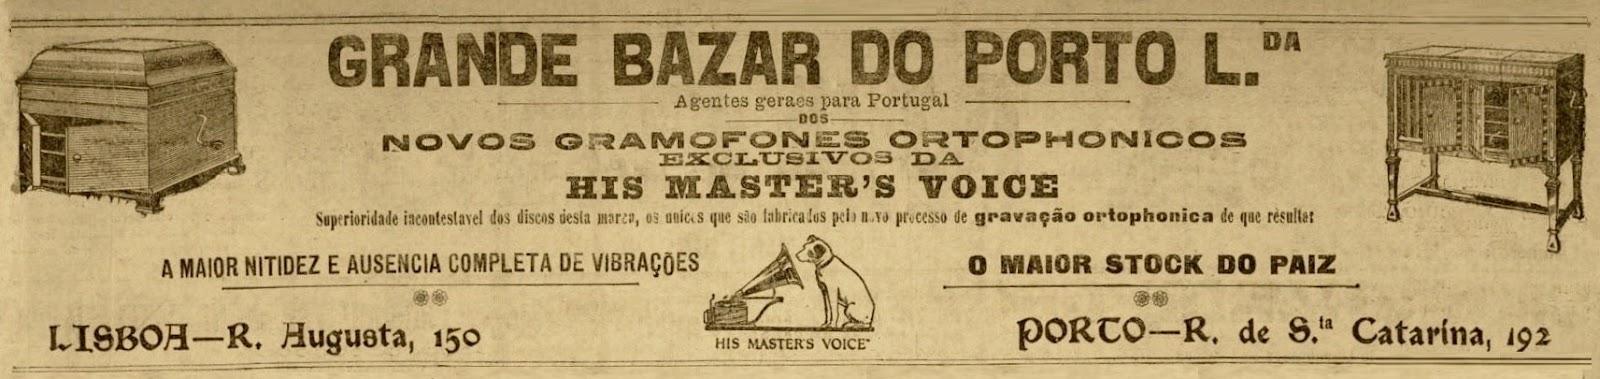 [1927-Grande-Bazar-do-Porto-05-Mai22]